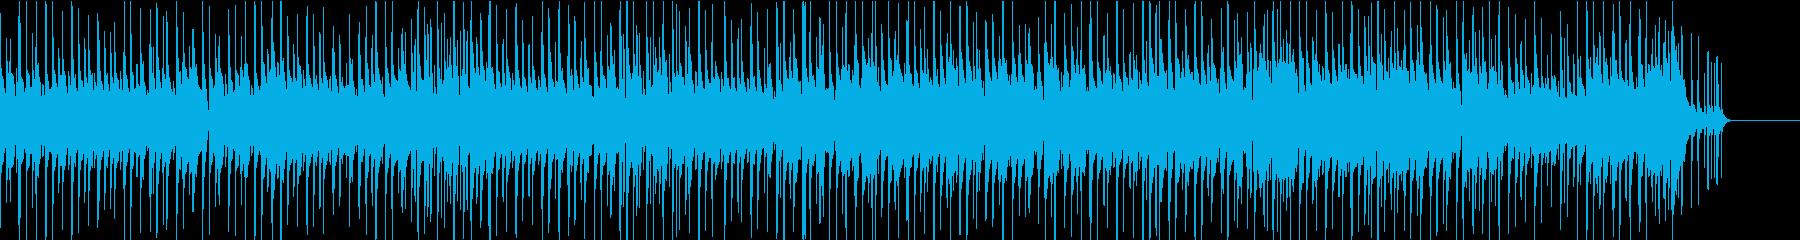 サーフィンに似合うウクレレ曲の再生済みの波形